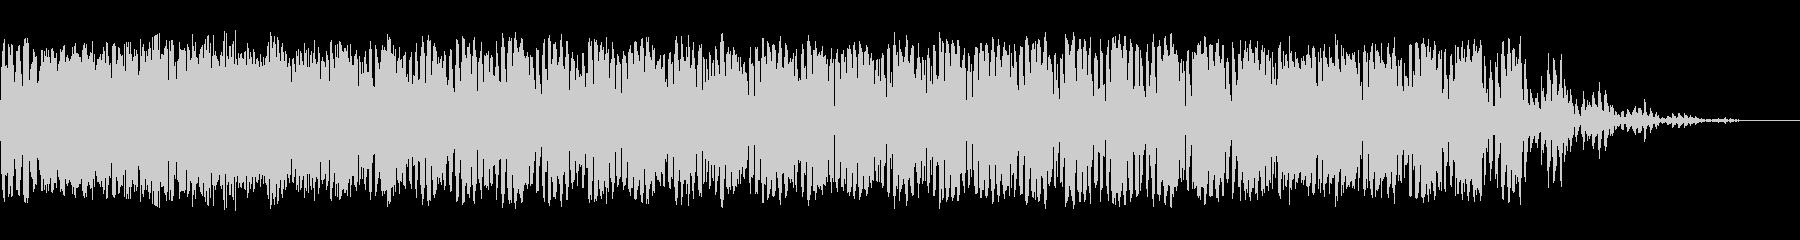 バズドローン4の未再生の波形